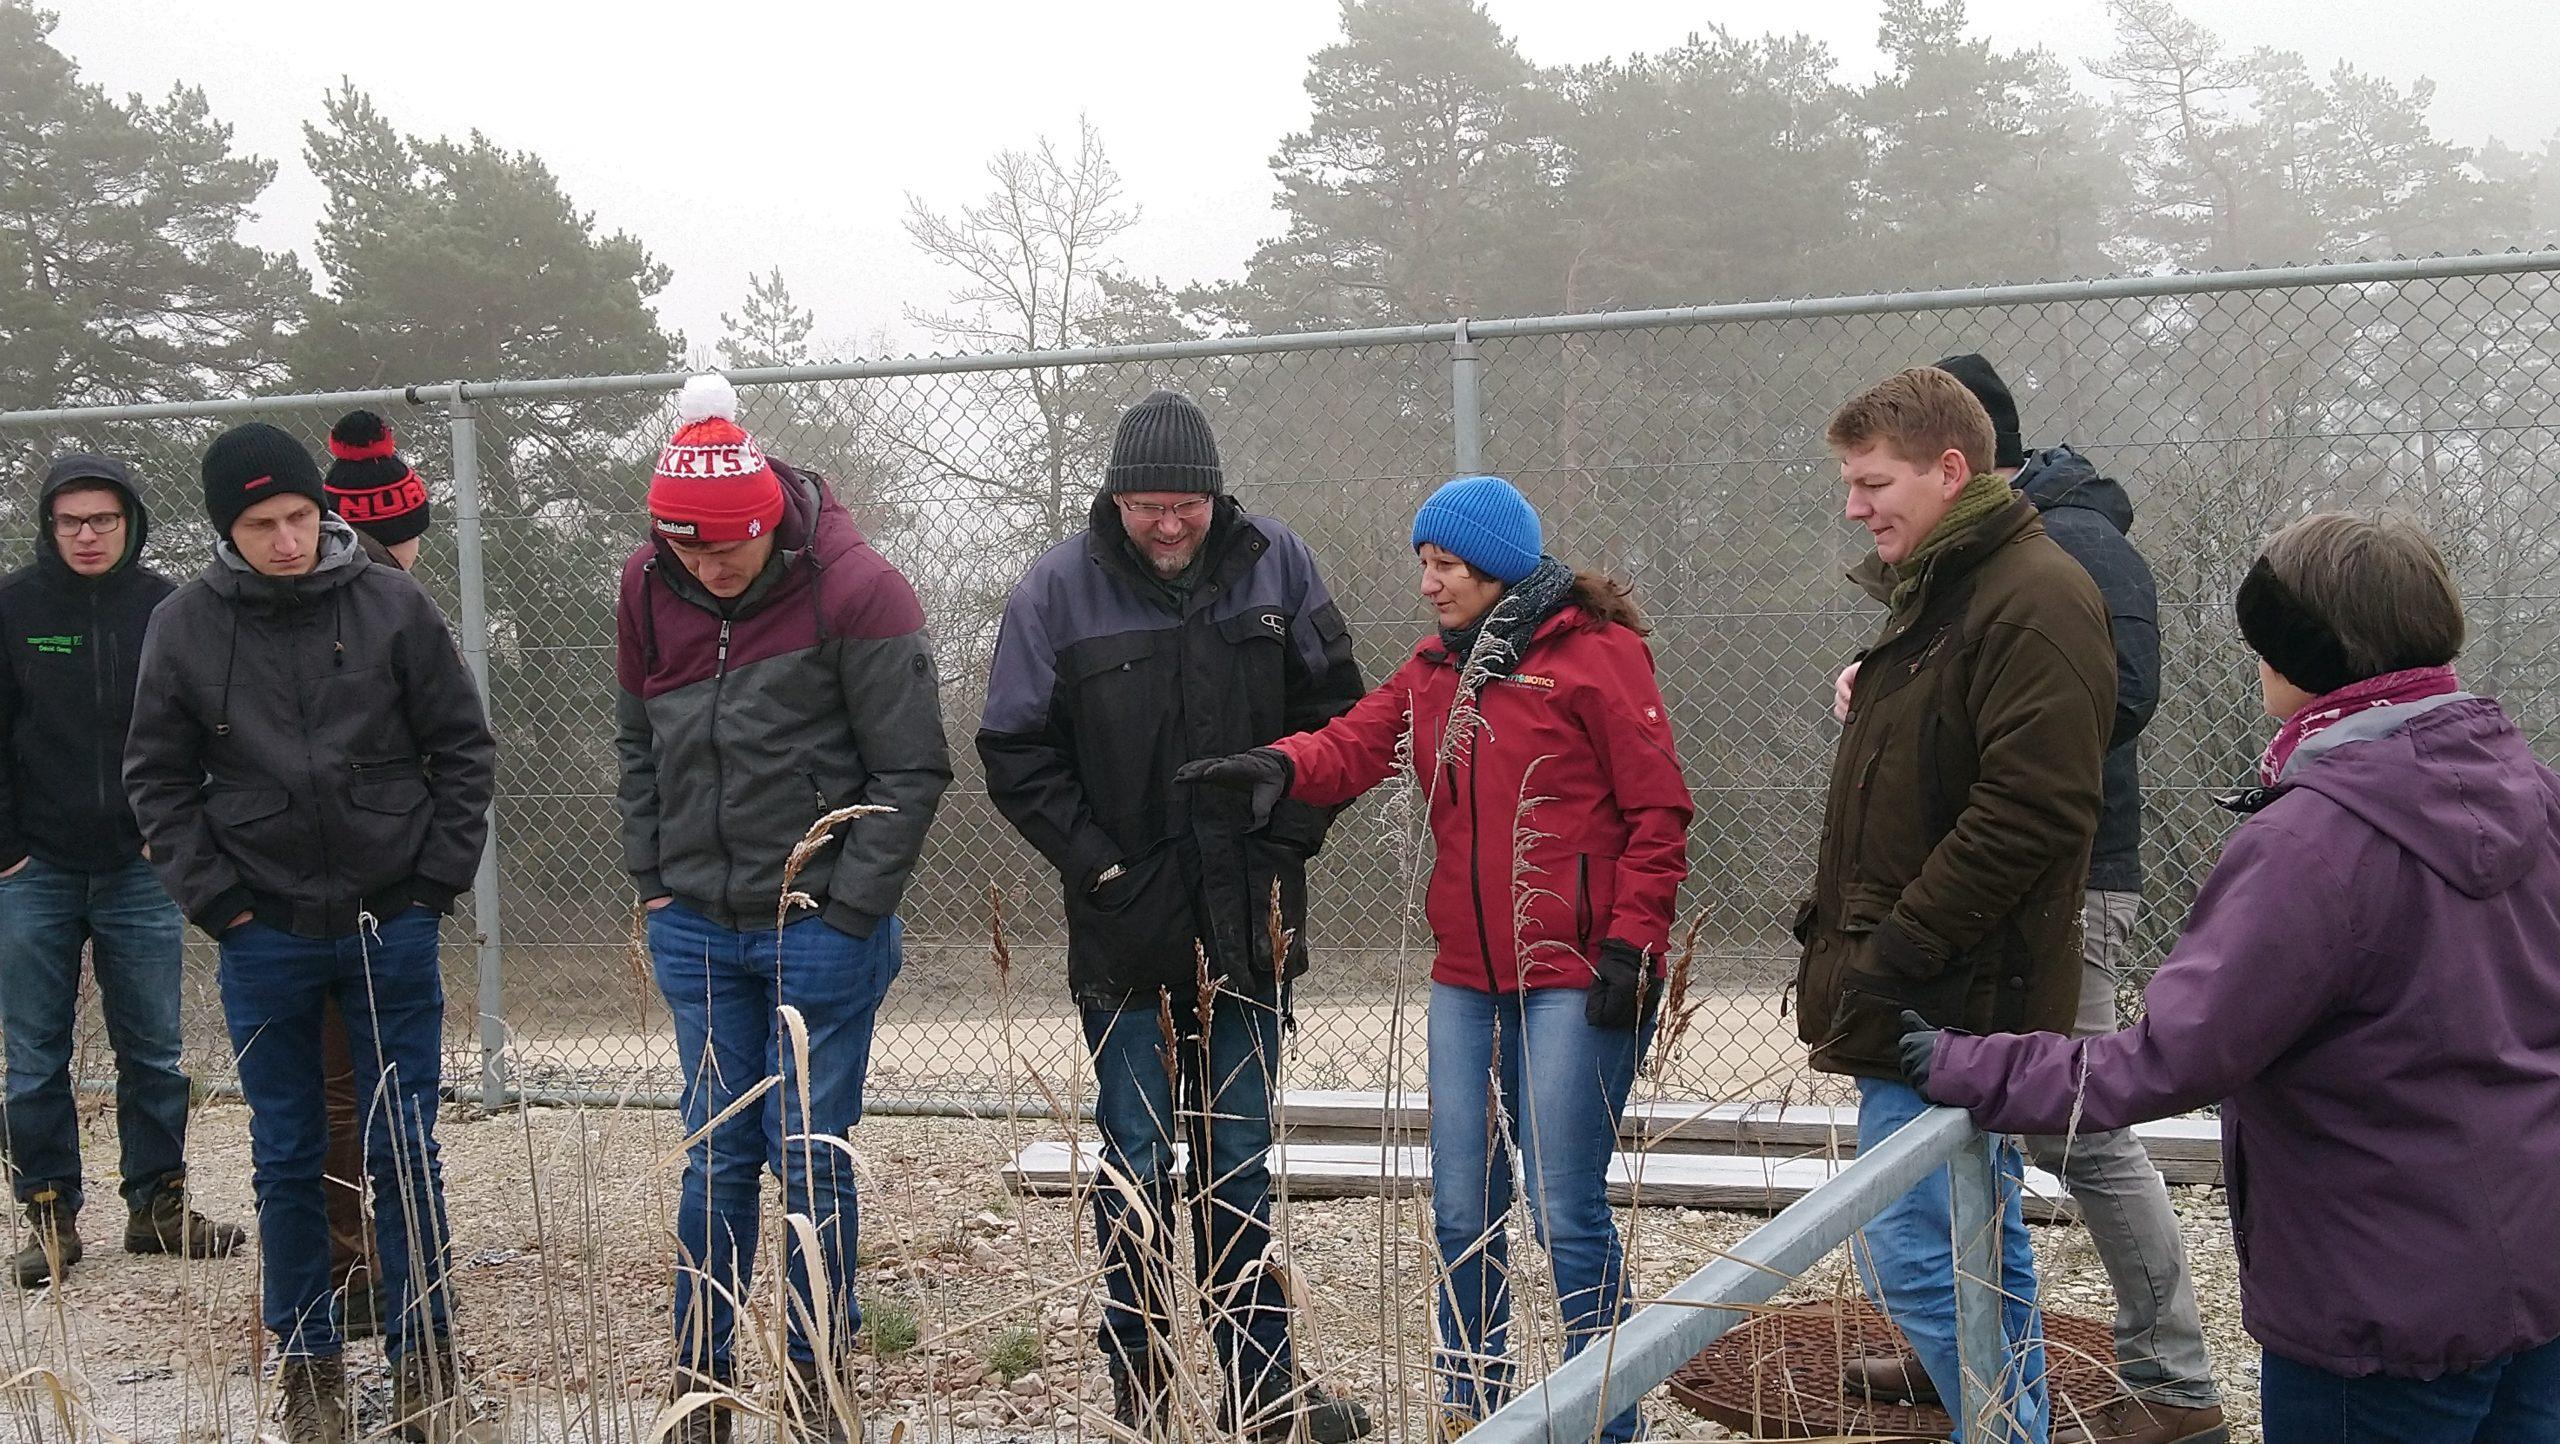 Die Dozentin erklärt etwas den außenrumstehenden Studenten, der Kleidung zur Folge scheint es Winter zu sein